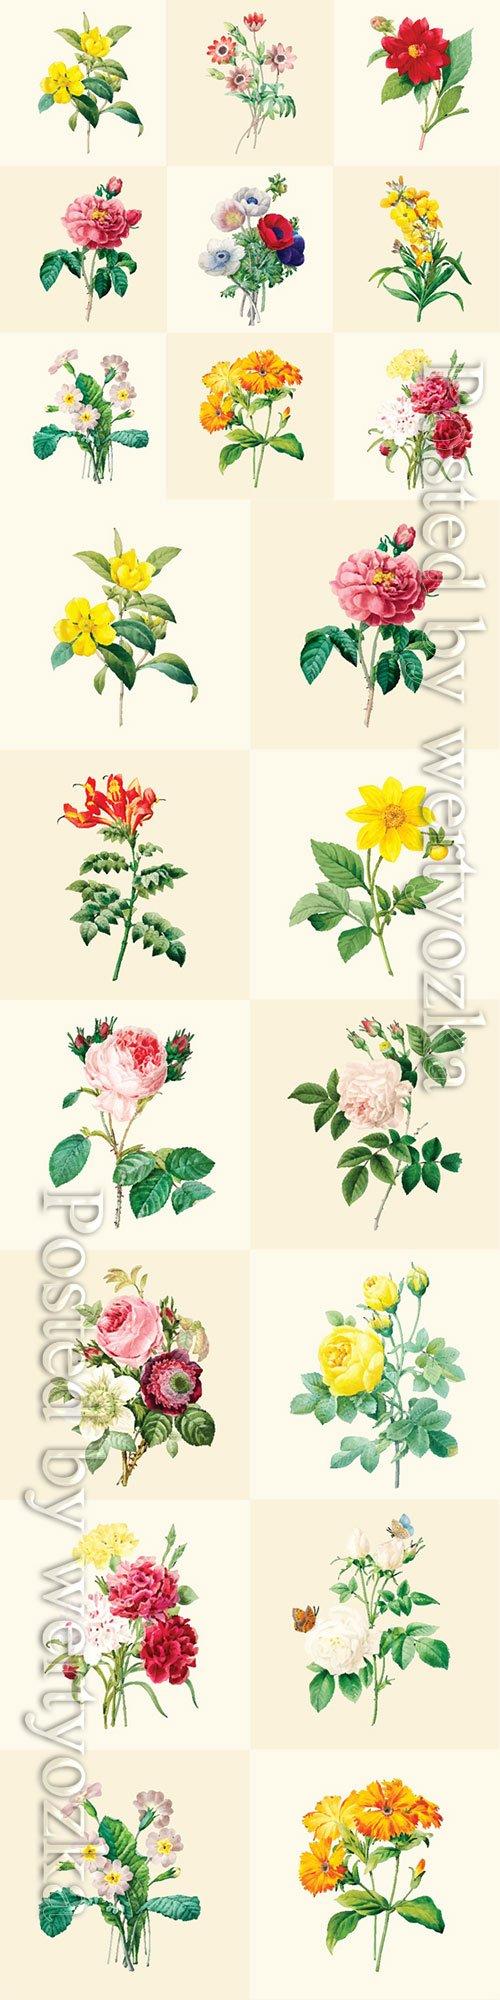 Beautiful blooming flowers in vector